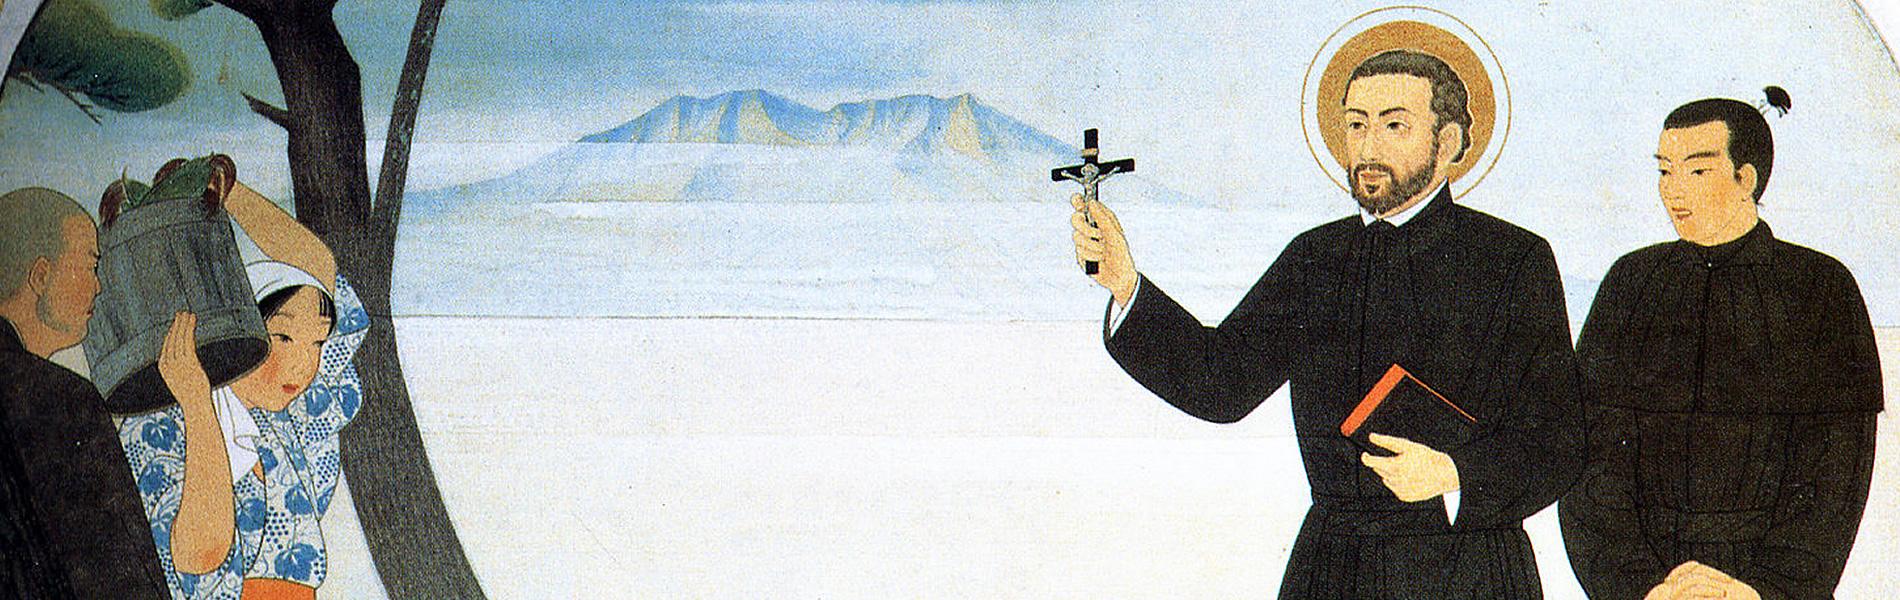 聖フランシスコザビエル上陸の図(一部)